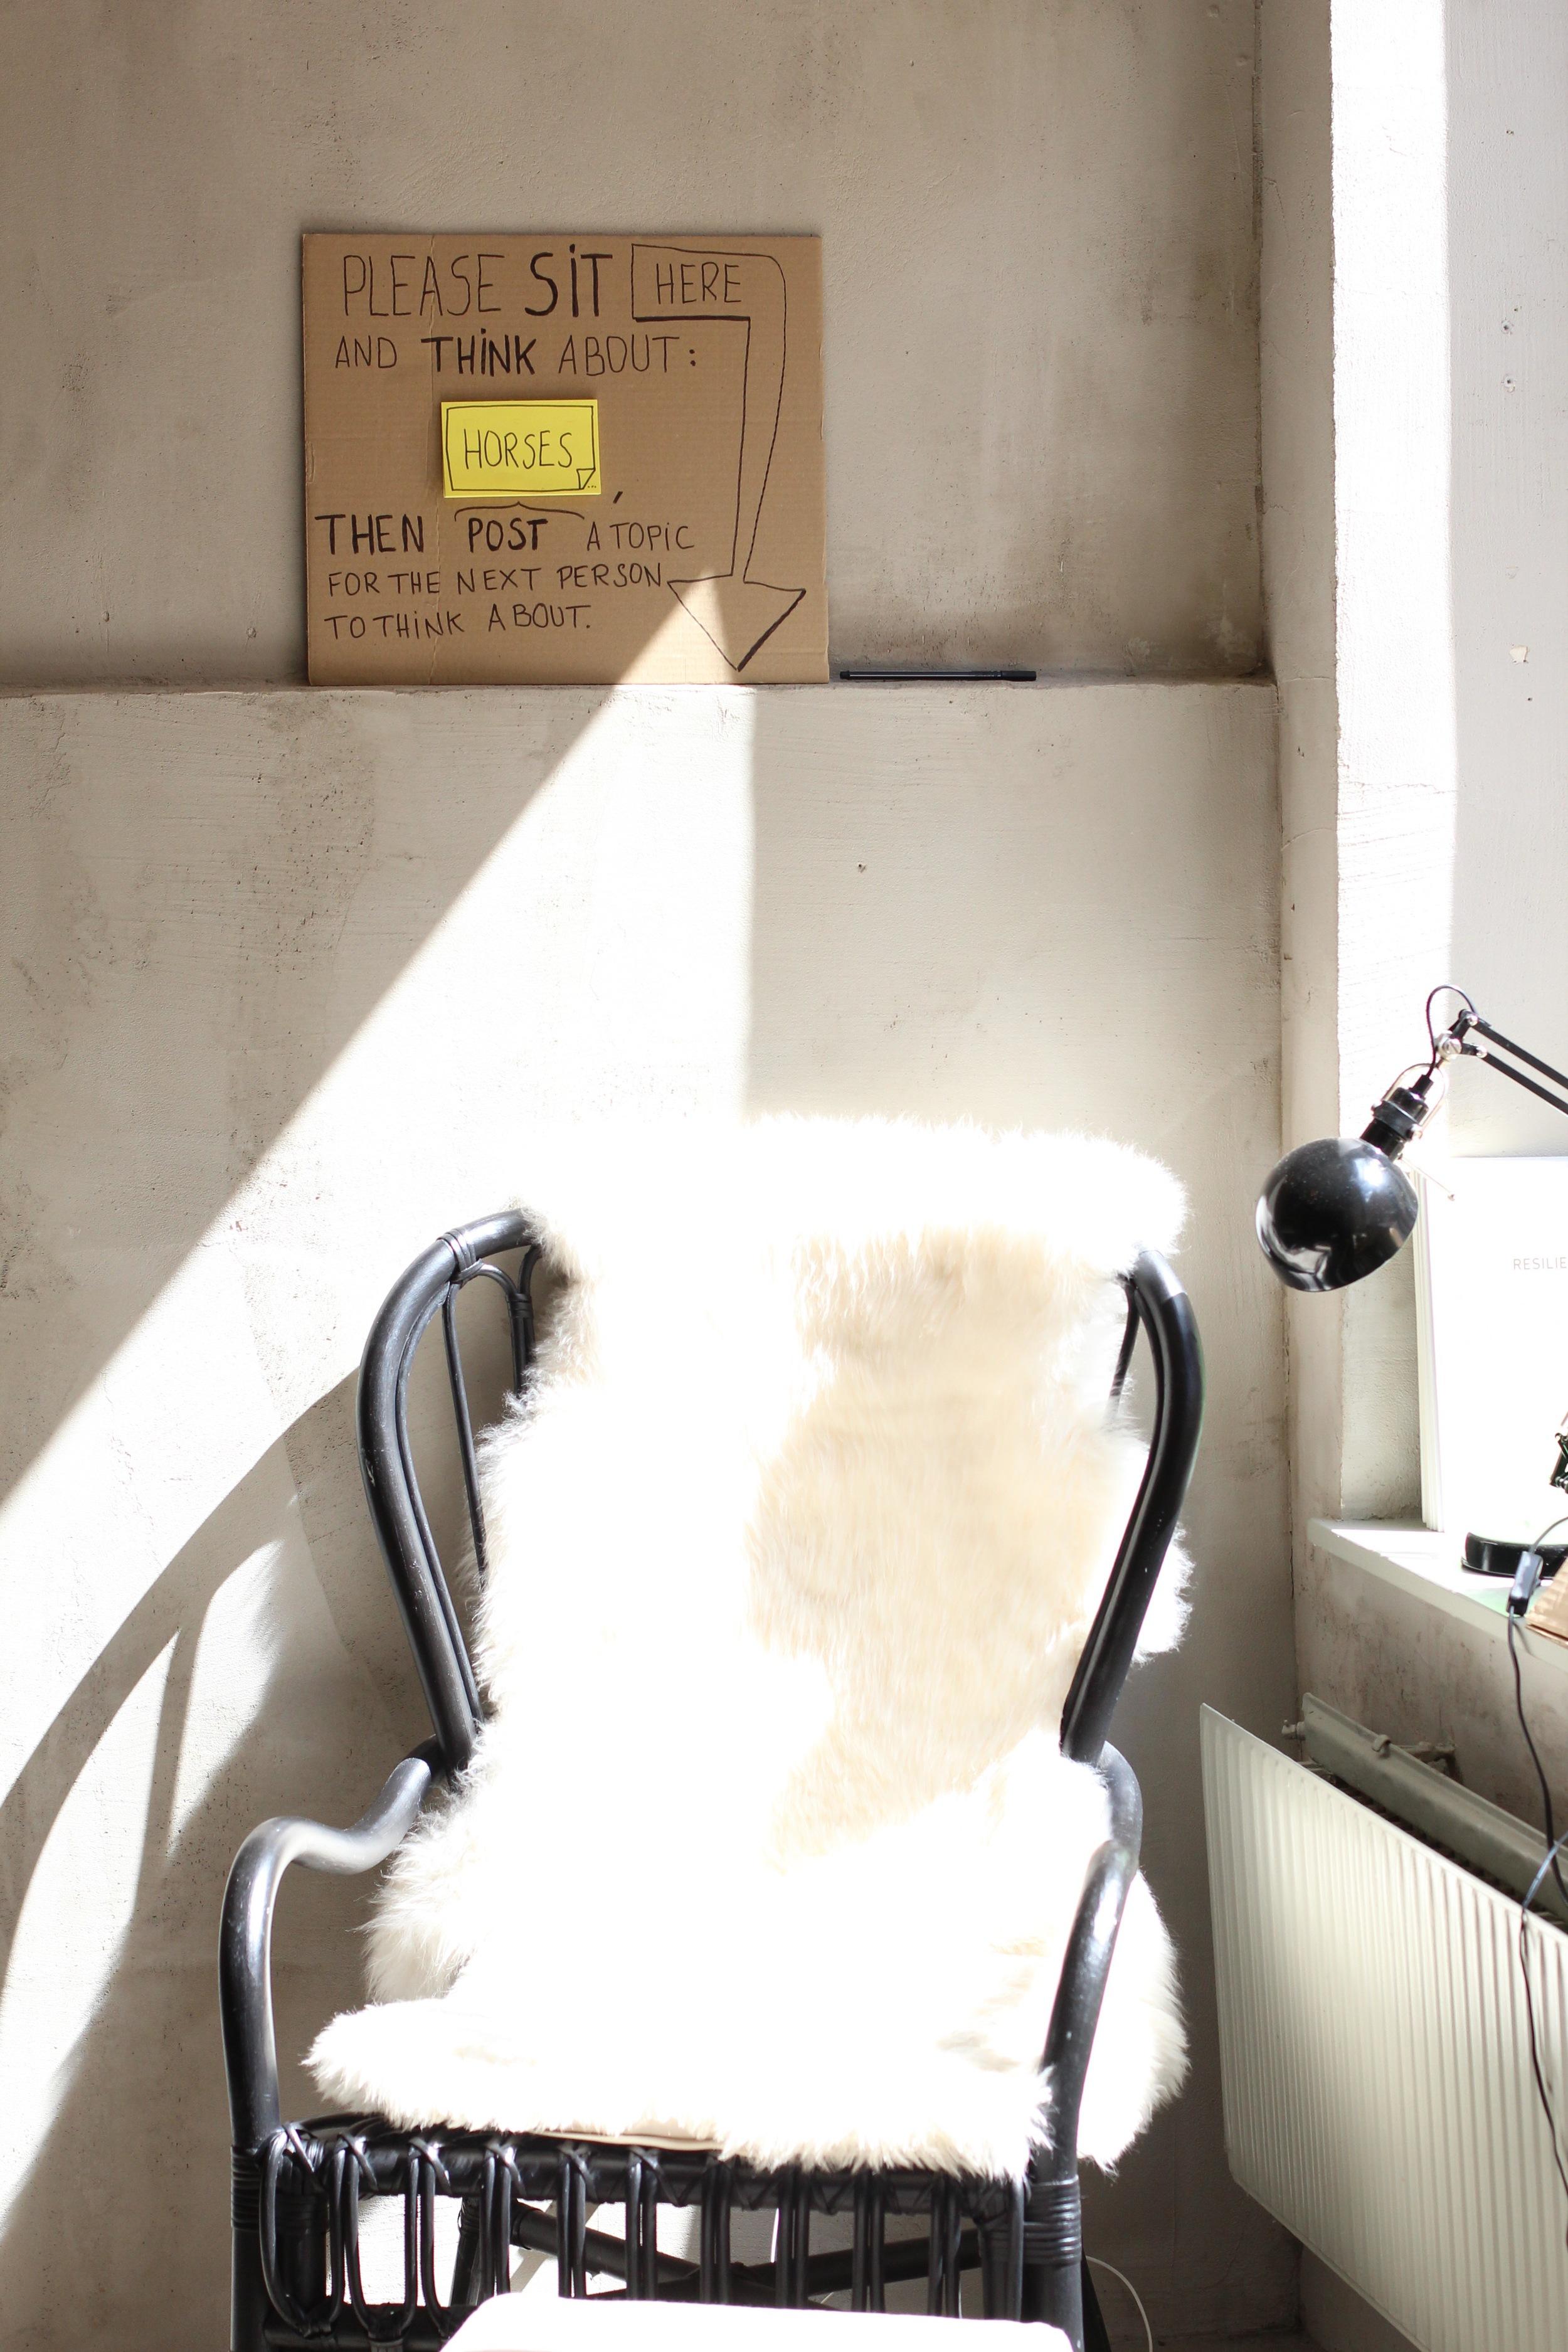 Ein Sitzplatz am Fenster mit einem interaktiven Kontemplationsangebot.